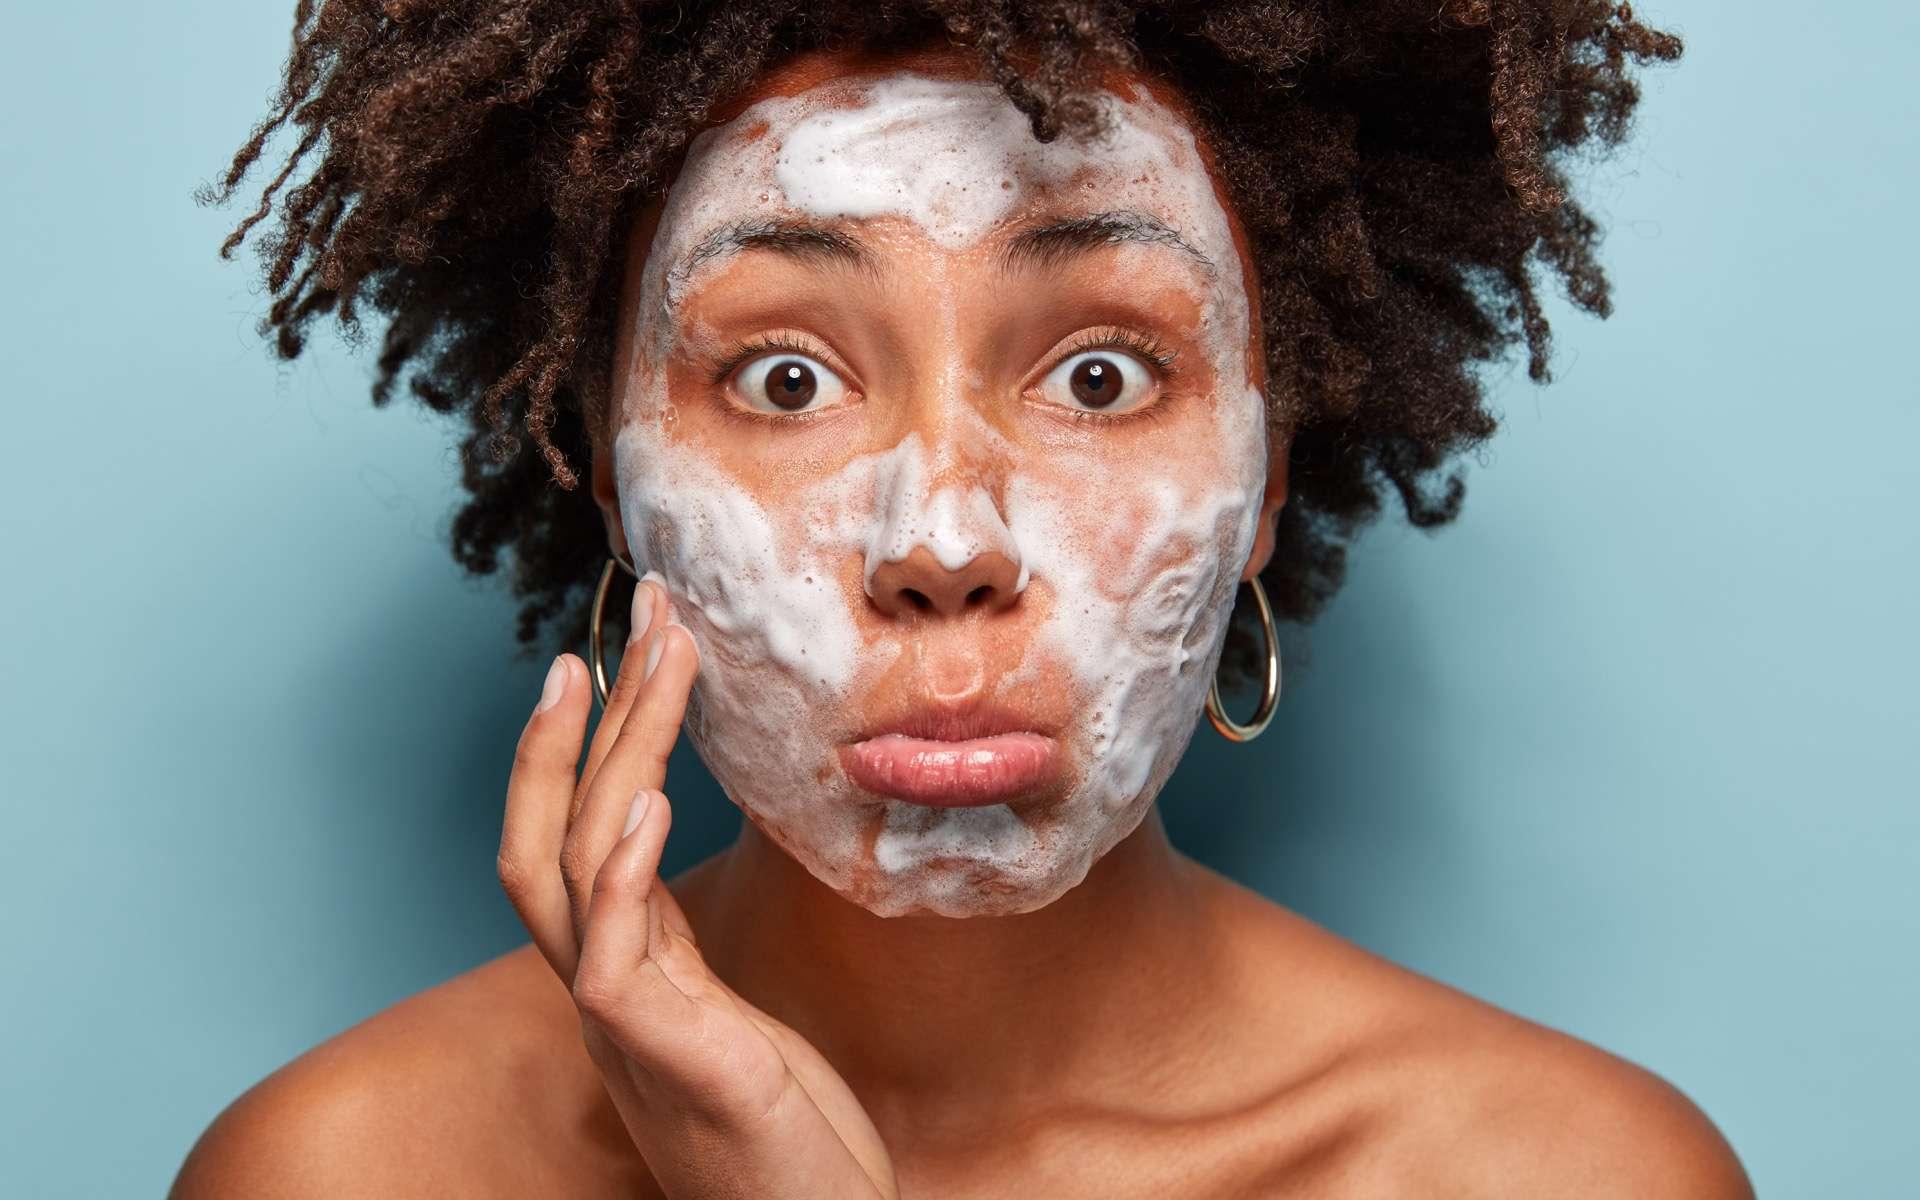 Des composants « toxiques » dans certains produits cosmétiques, selon le magazine 60 millions de consommateurs. © Wayhome Studio, Adobe Stock